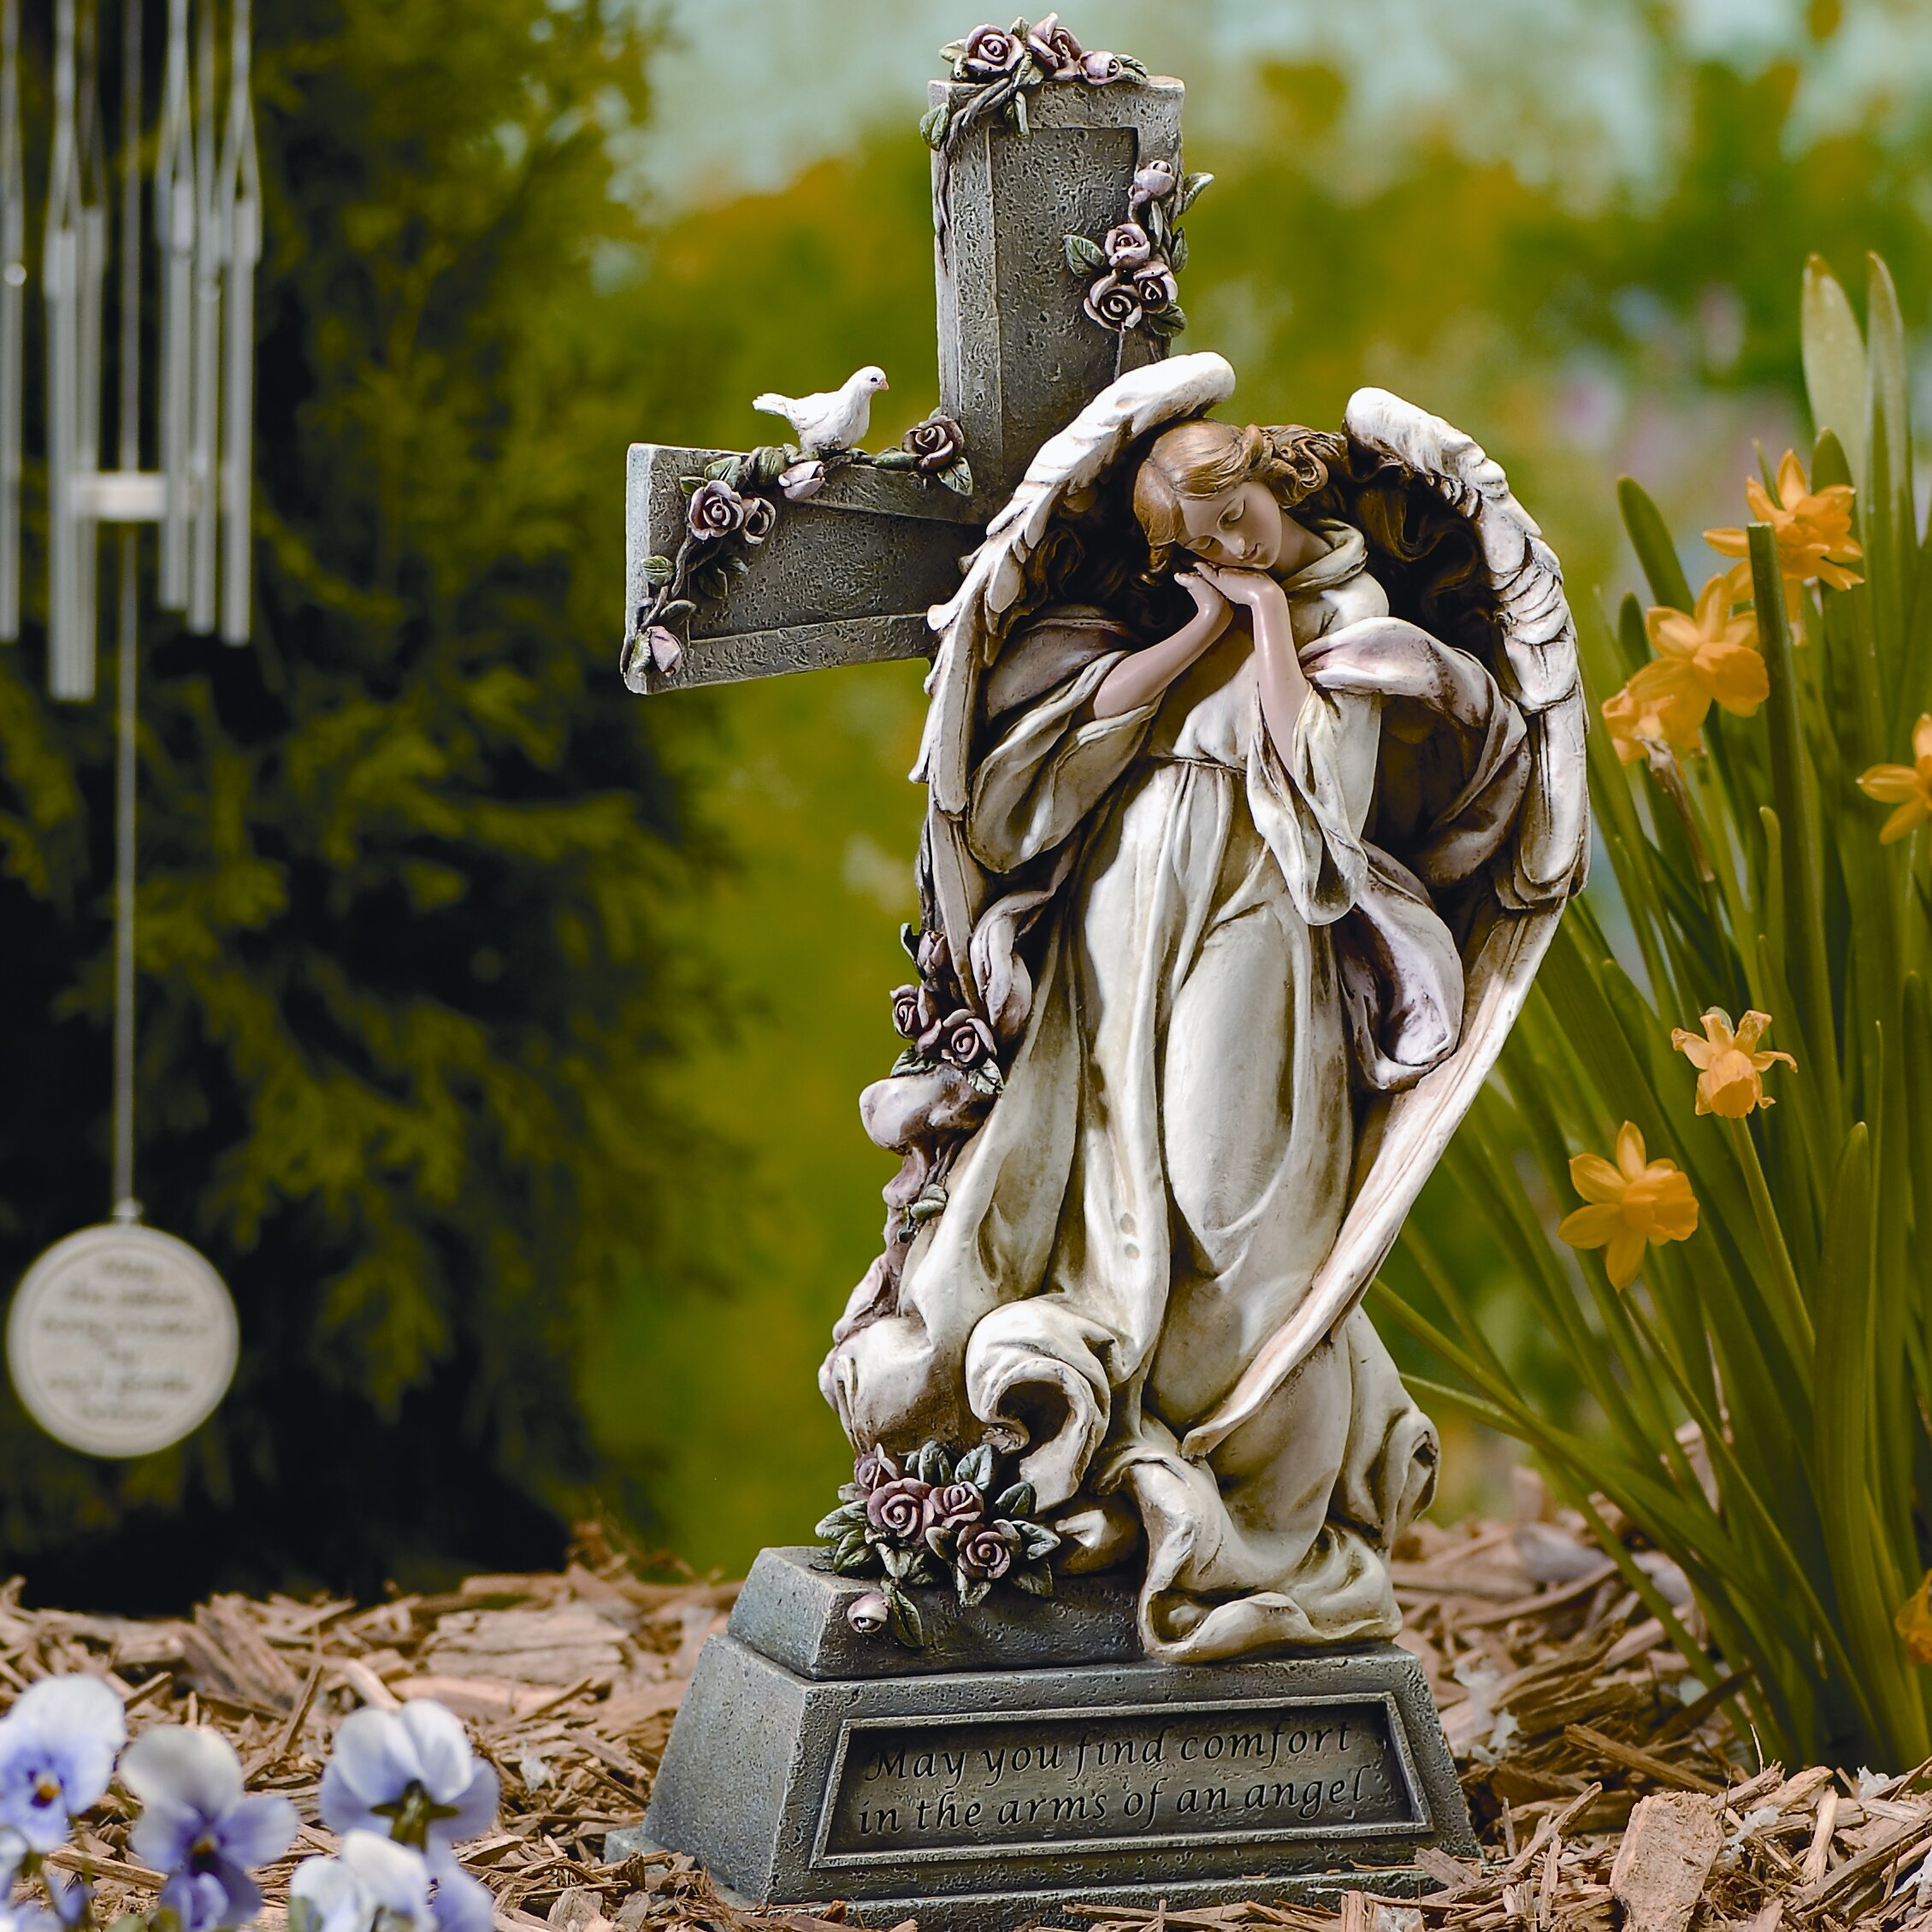 Roman Inc Garden Angel With Cross Statue Amp Reviews Wayfair